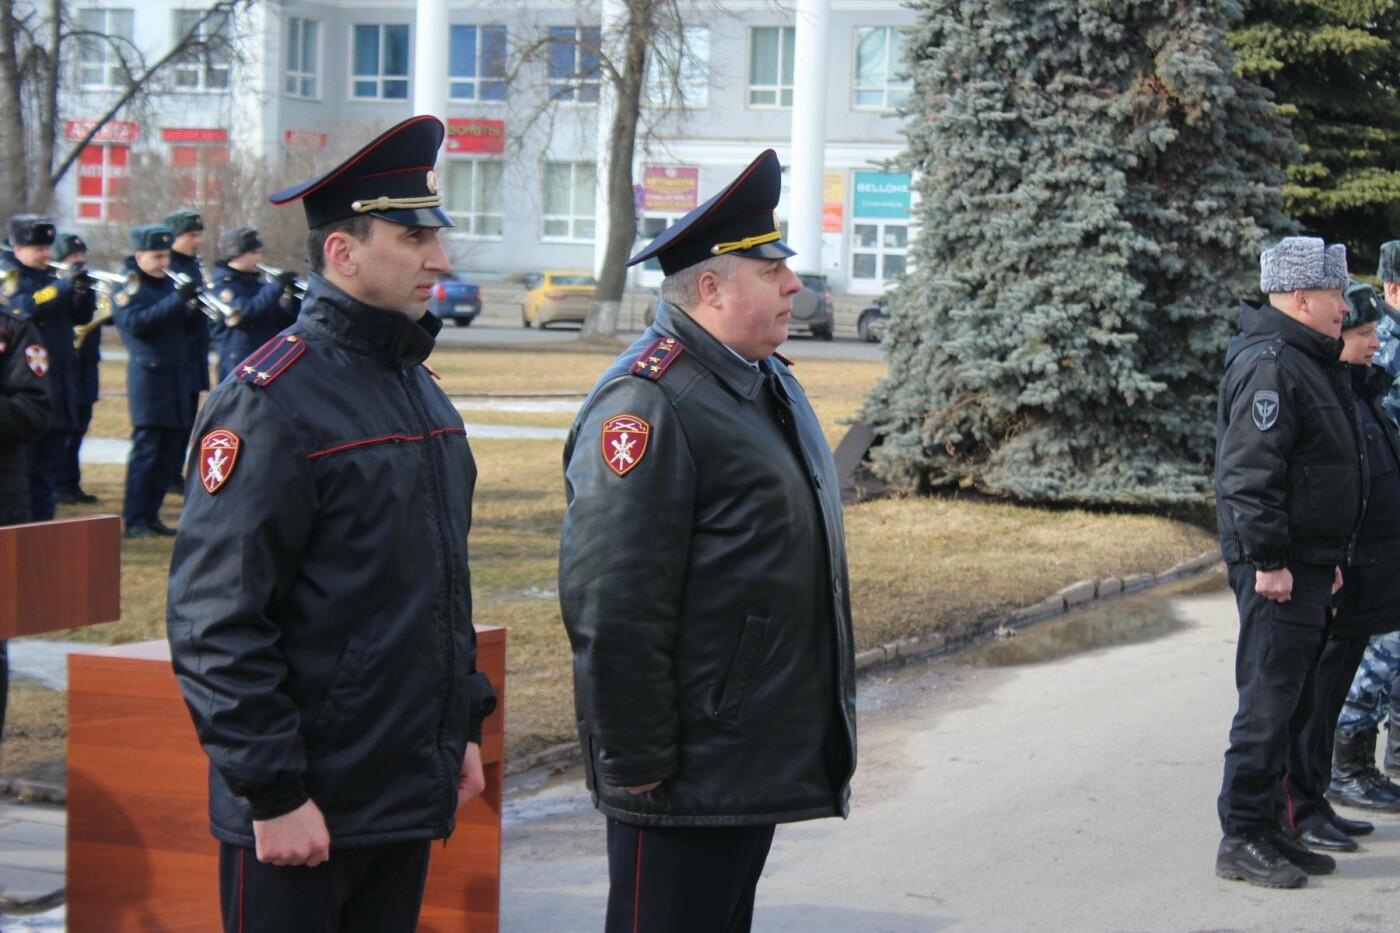 В Пскове состоялся гарнизонный развод нарядов Росгвардии, заступающих на службу по охране общественного порядка, фото-1